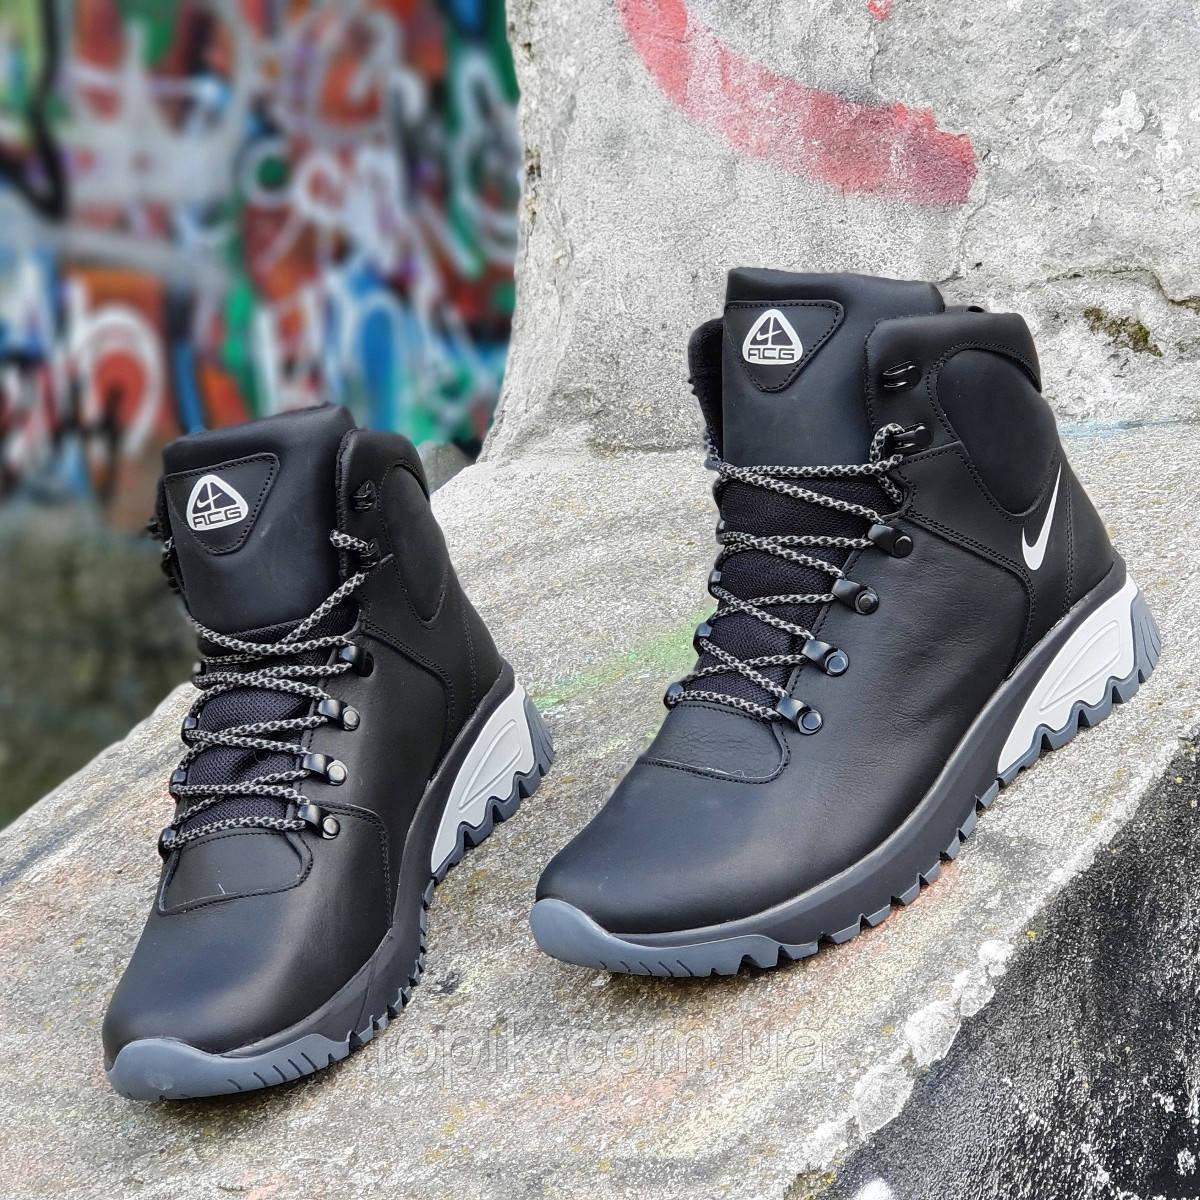 570195a0 Высокие зимние черные мужские кроссовки кожаные на толстой подошве  натуральный мех (Код: 1265a)